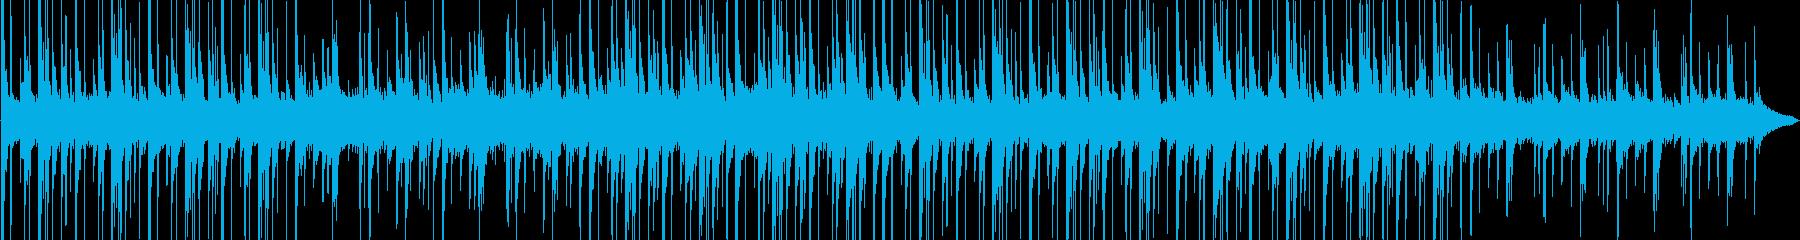 和風なアートミュージアムのBGMの再生済みの波形